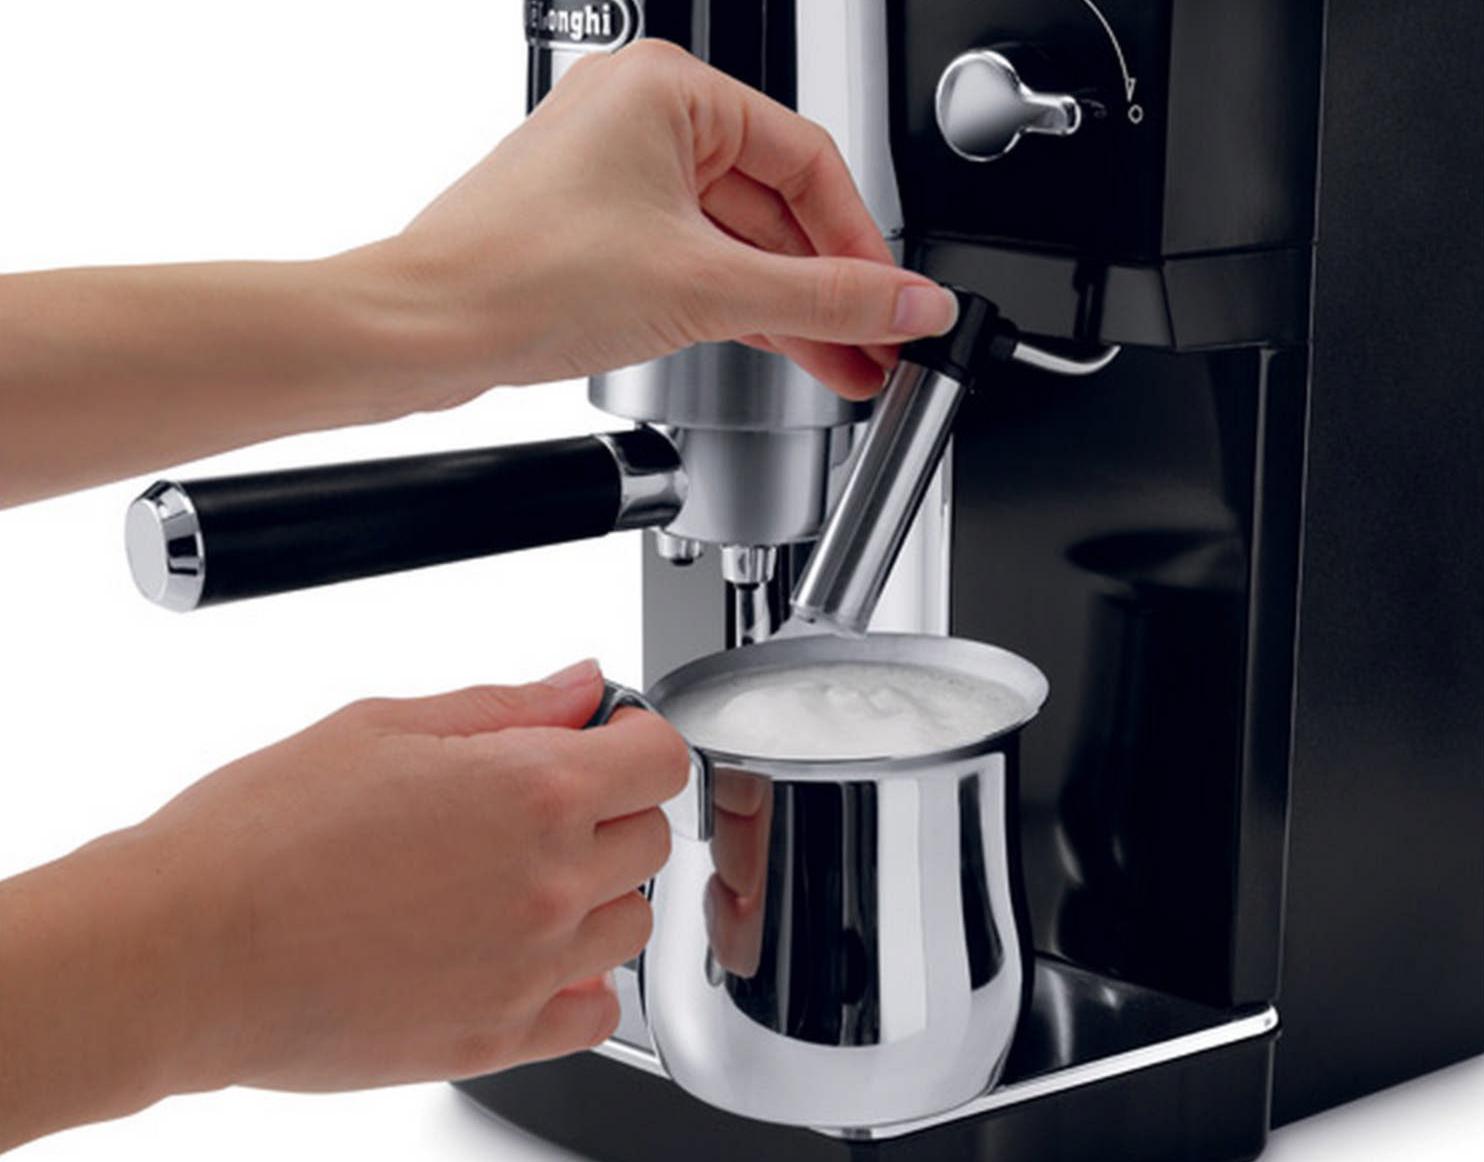 насадка паранелло для создания вкусной пенки на кофе